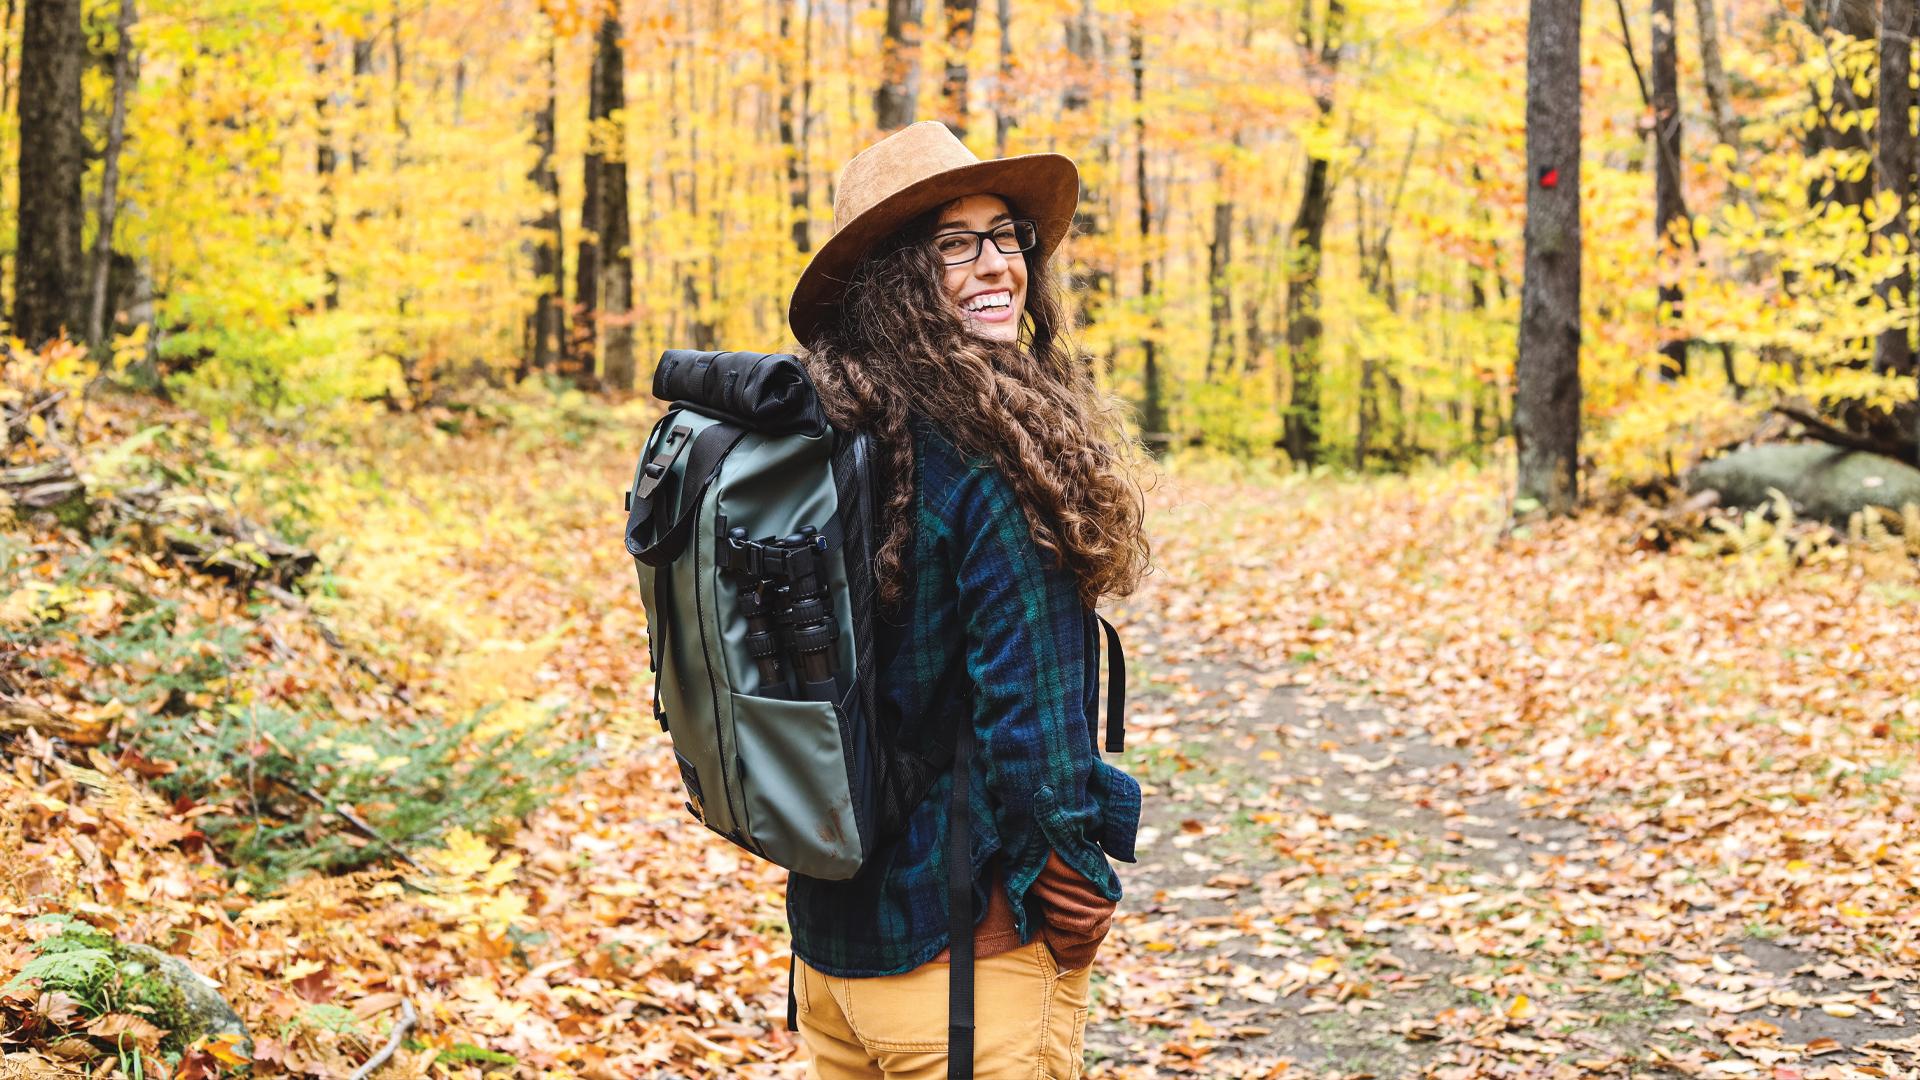 Airstream Ambassador Marisa hiking through the woods